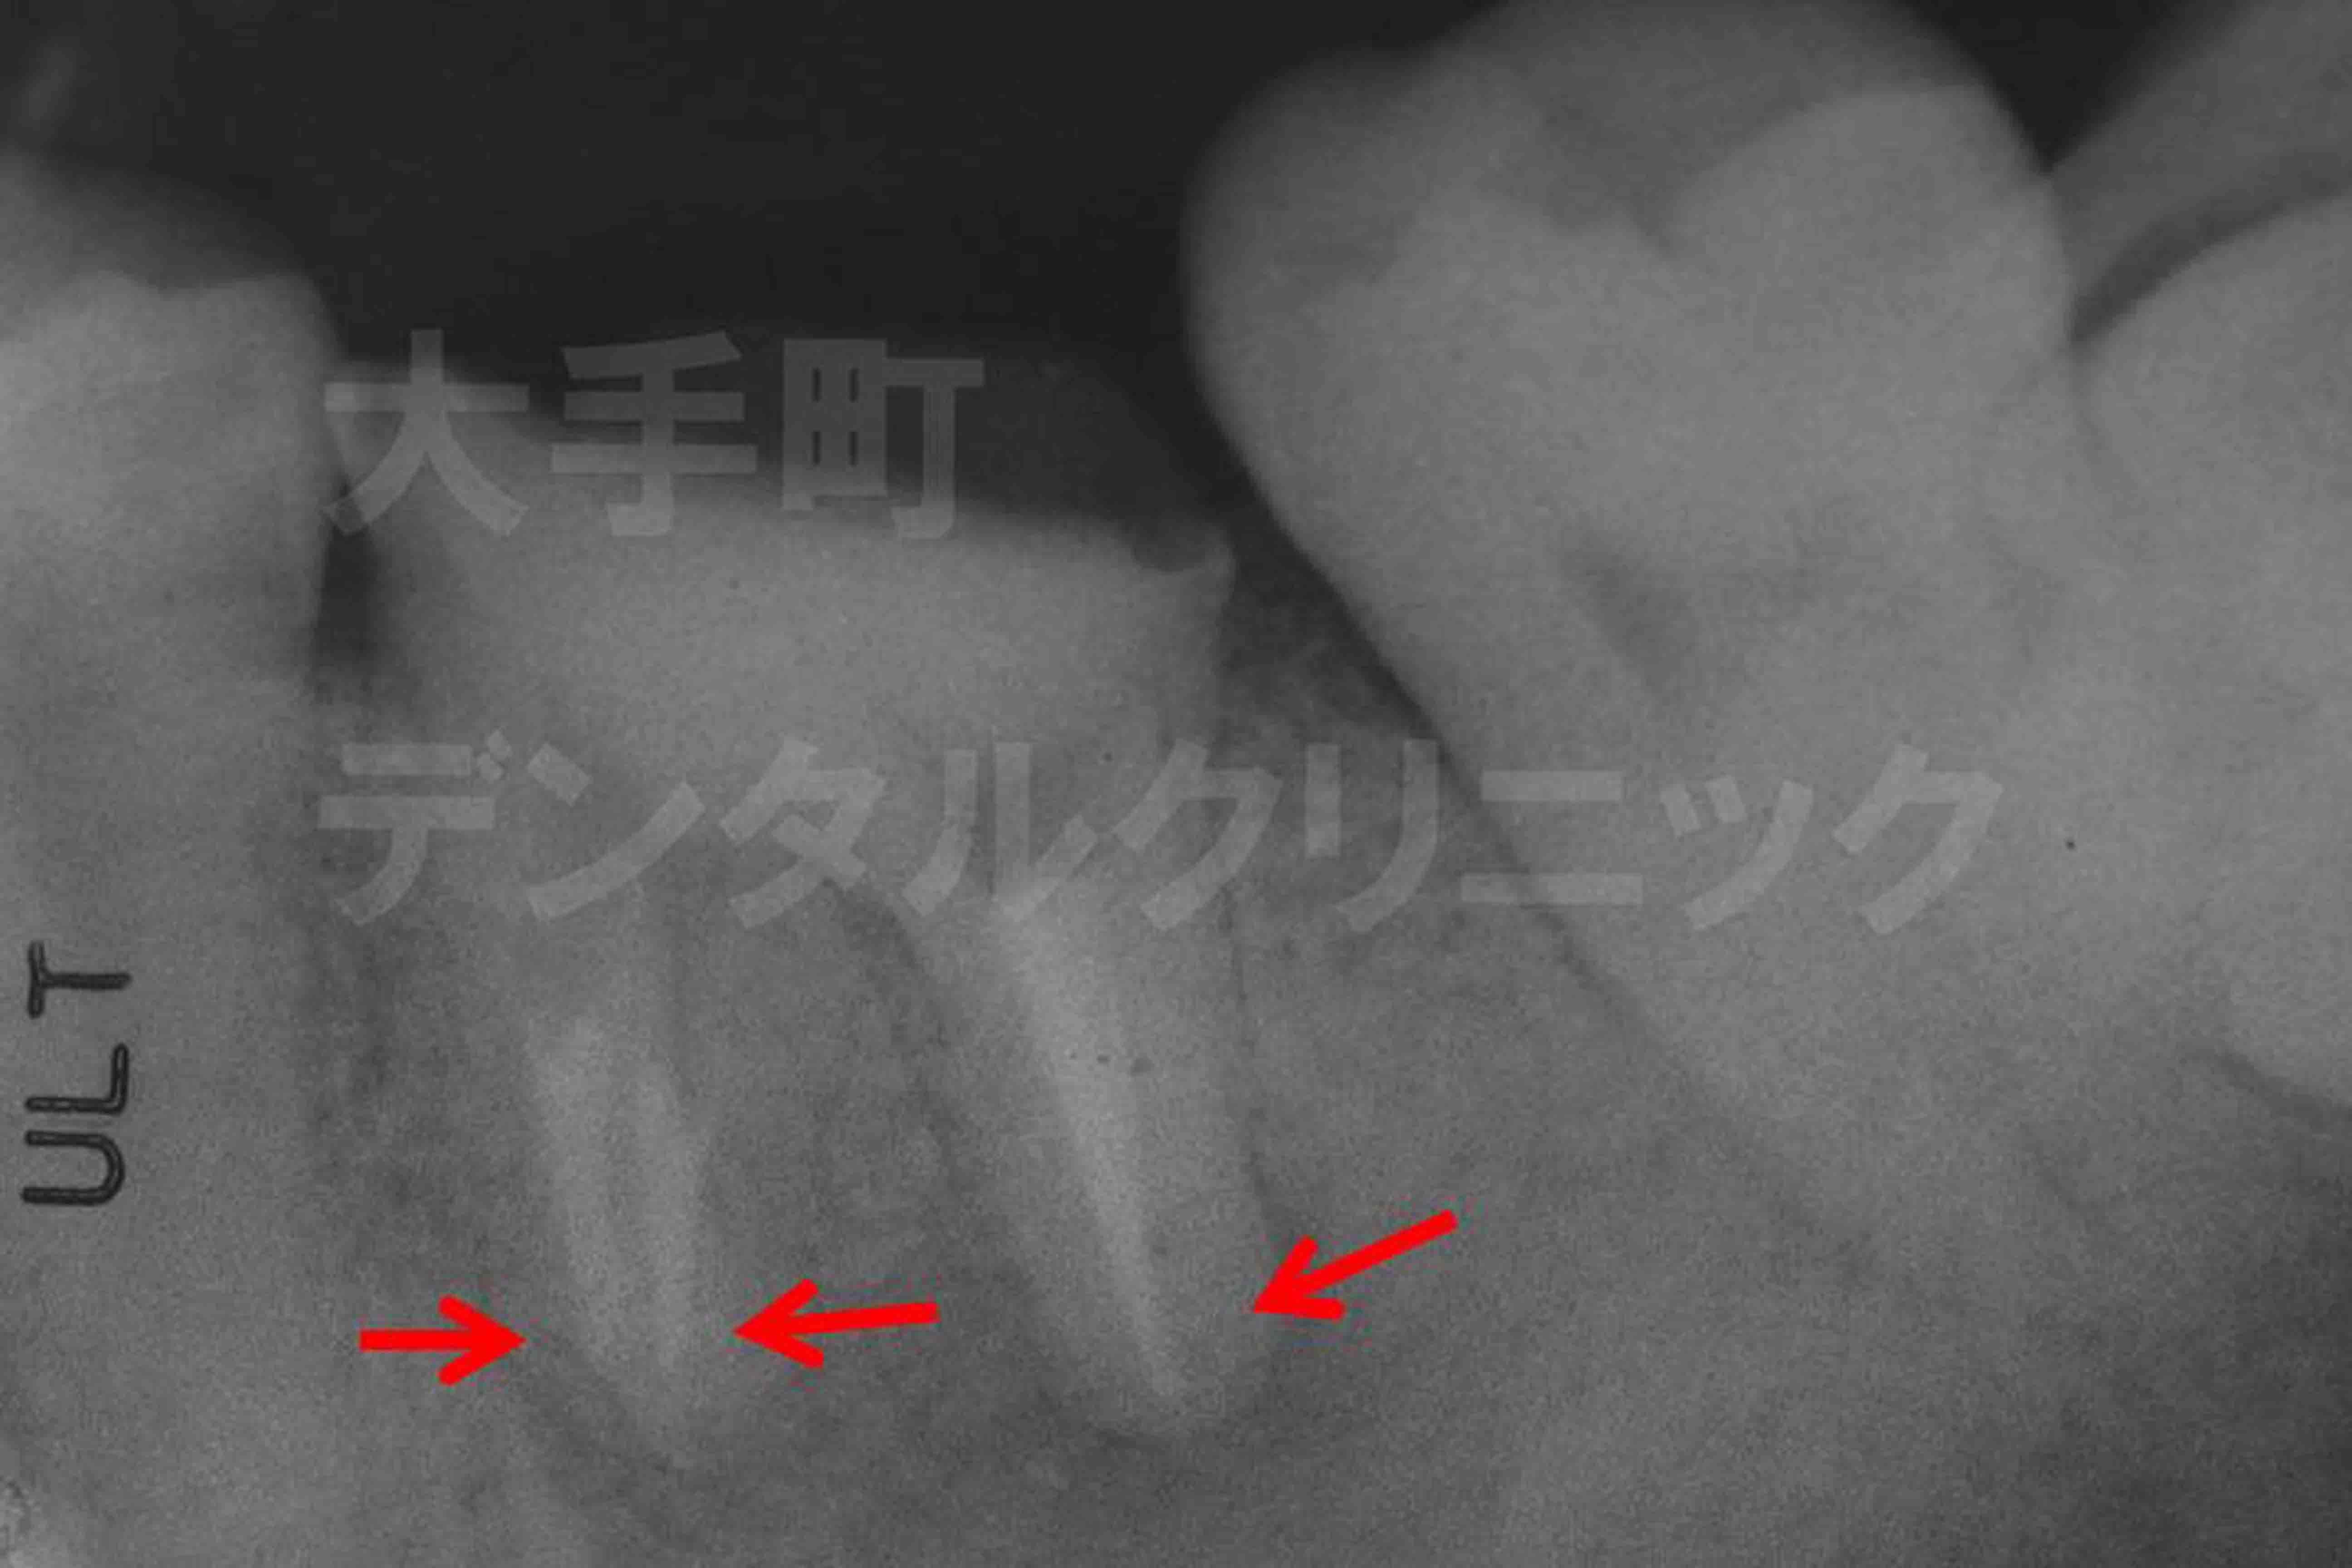 歯の根の治療後のレントゲン